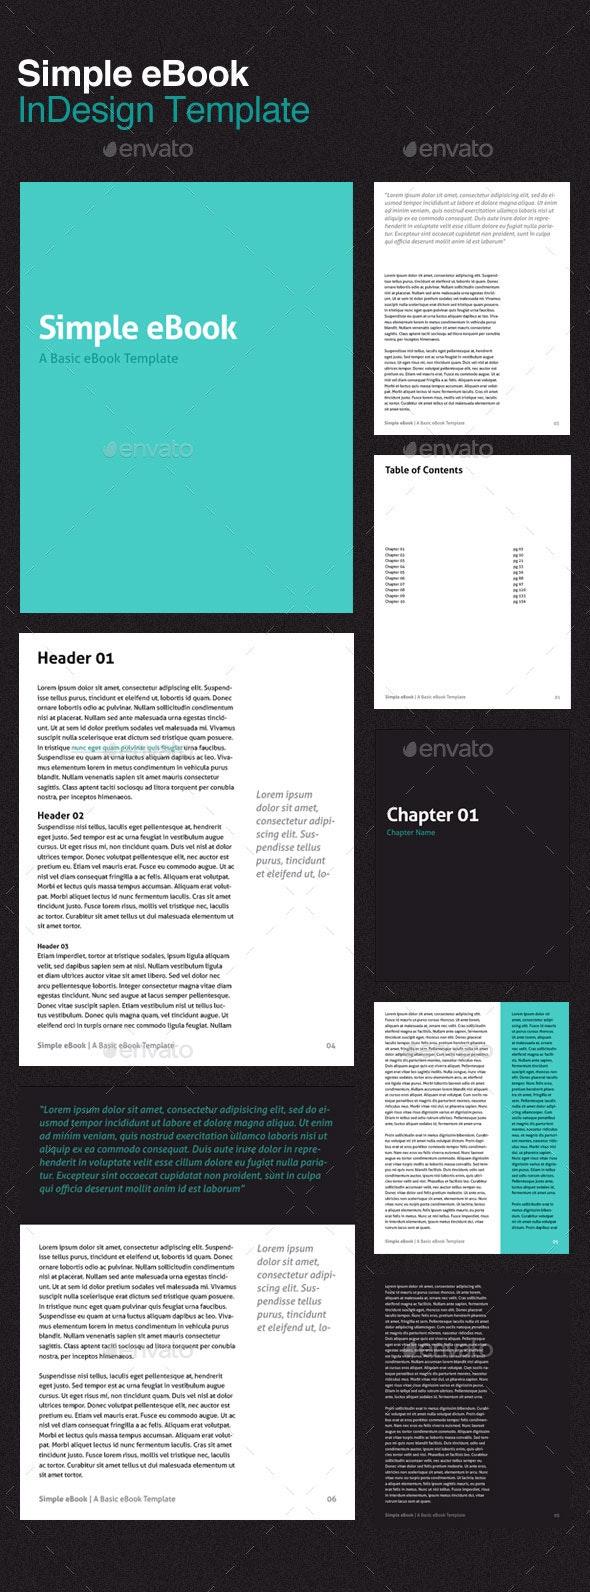 multipurpose indesign ebook templates